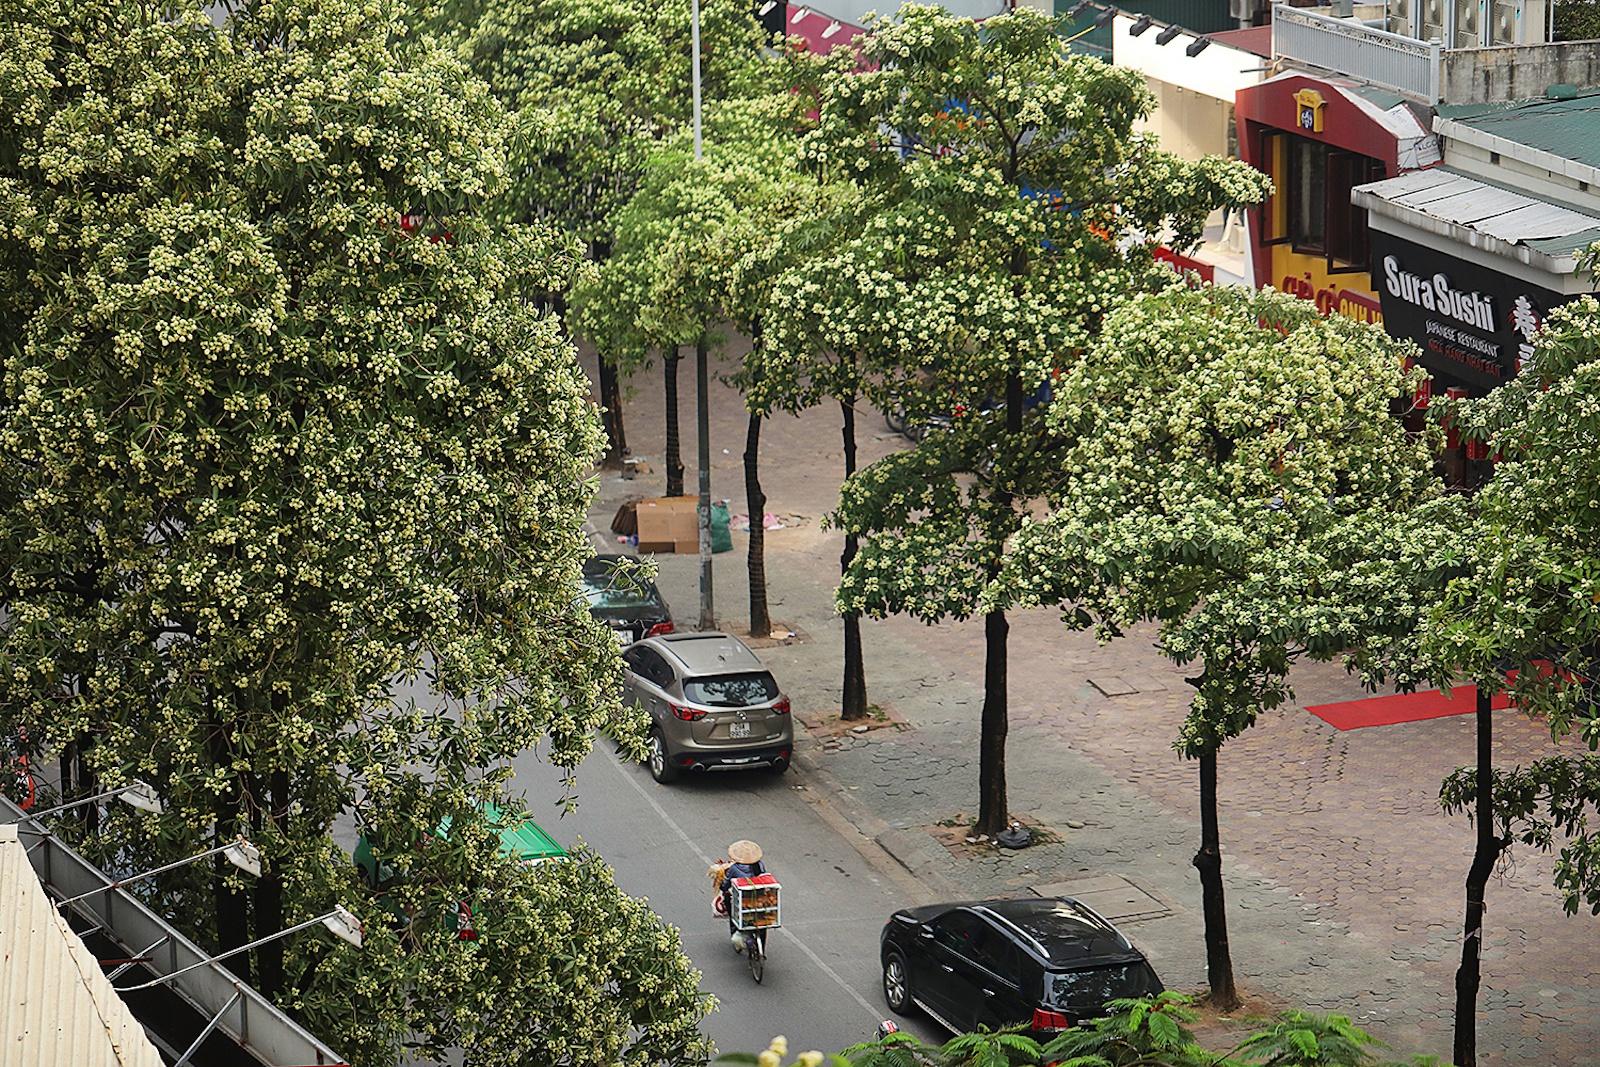 Nhung khoanh khac mua thu Ha Noi lay dong long nguoi hinh anh 3